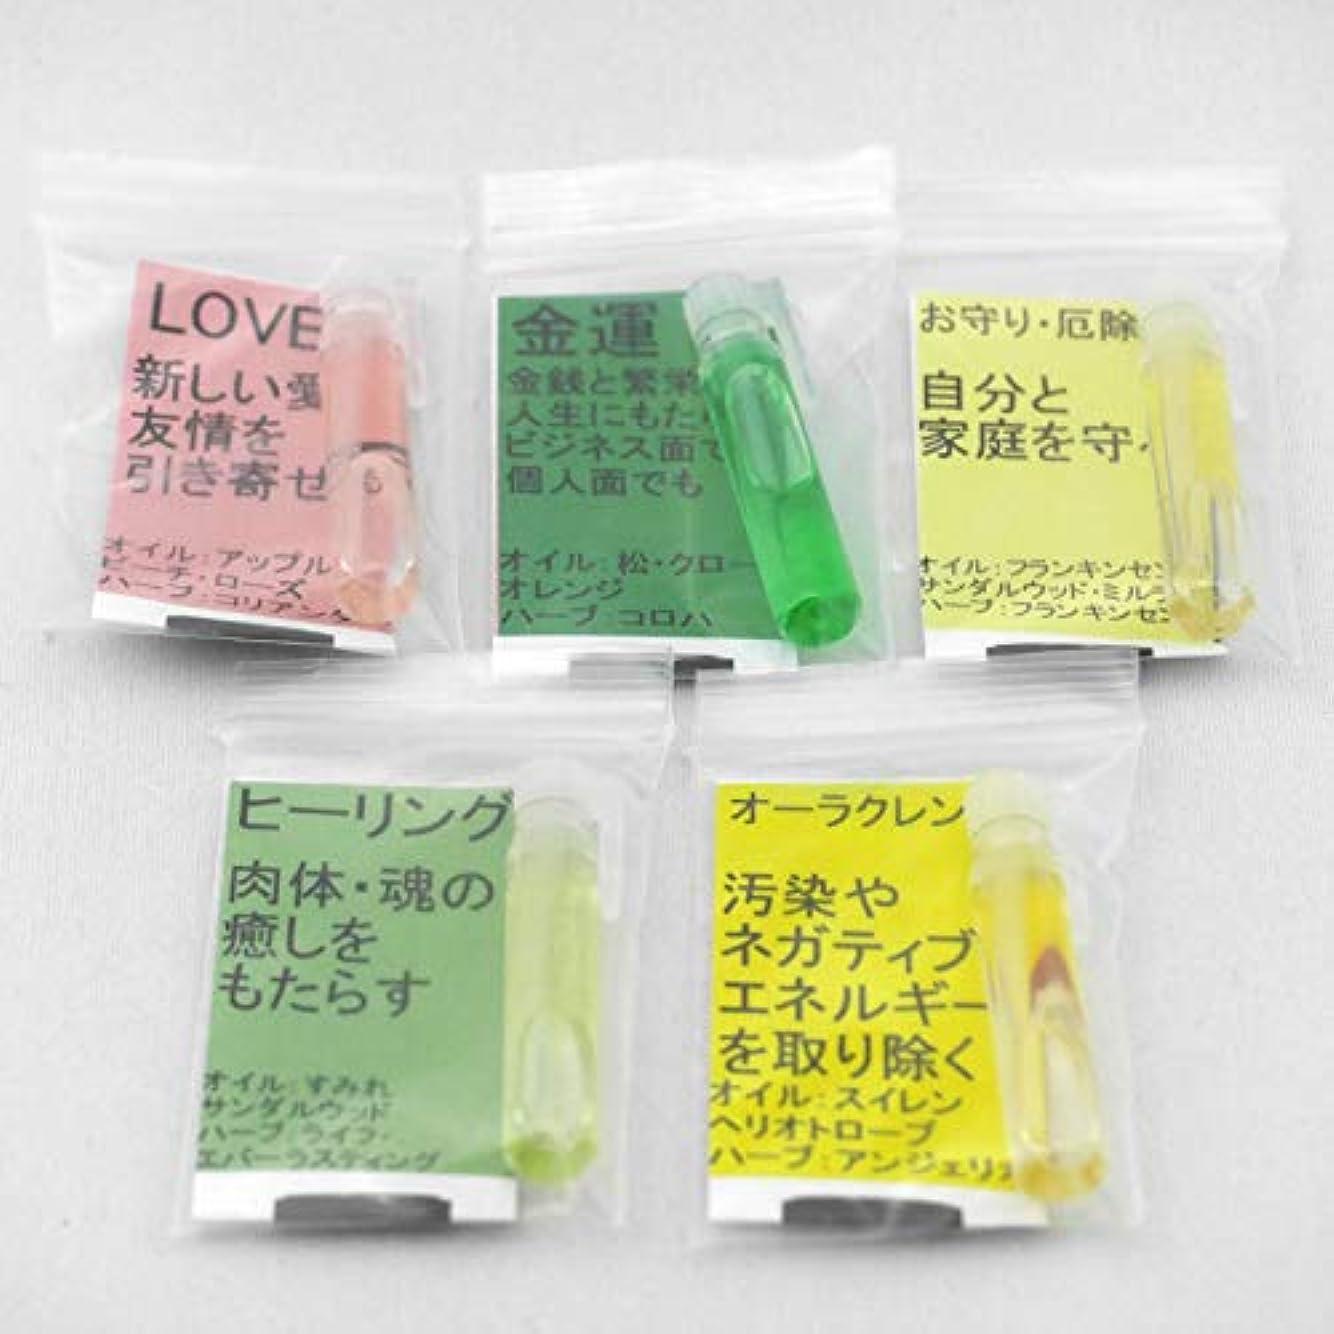 不健全順応性のある維持アンシェントメモリーオイル 基本の5本小分けセット(LOVE?MoneyDraw?Protection?Healing?Aura Cleanse)